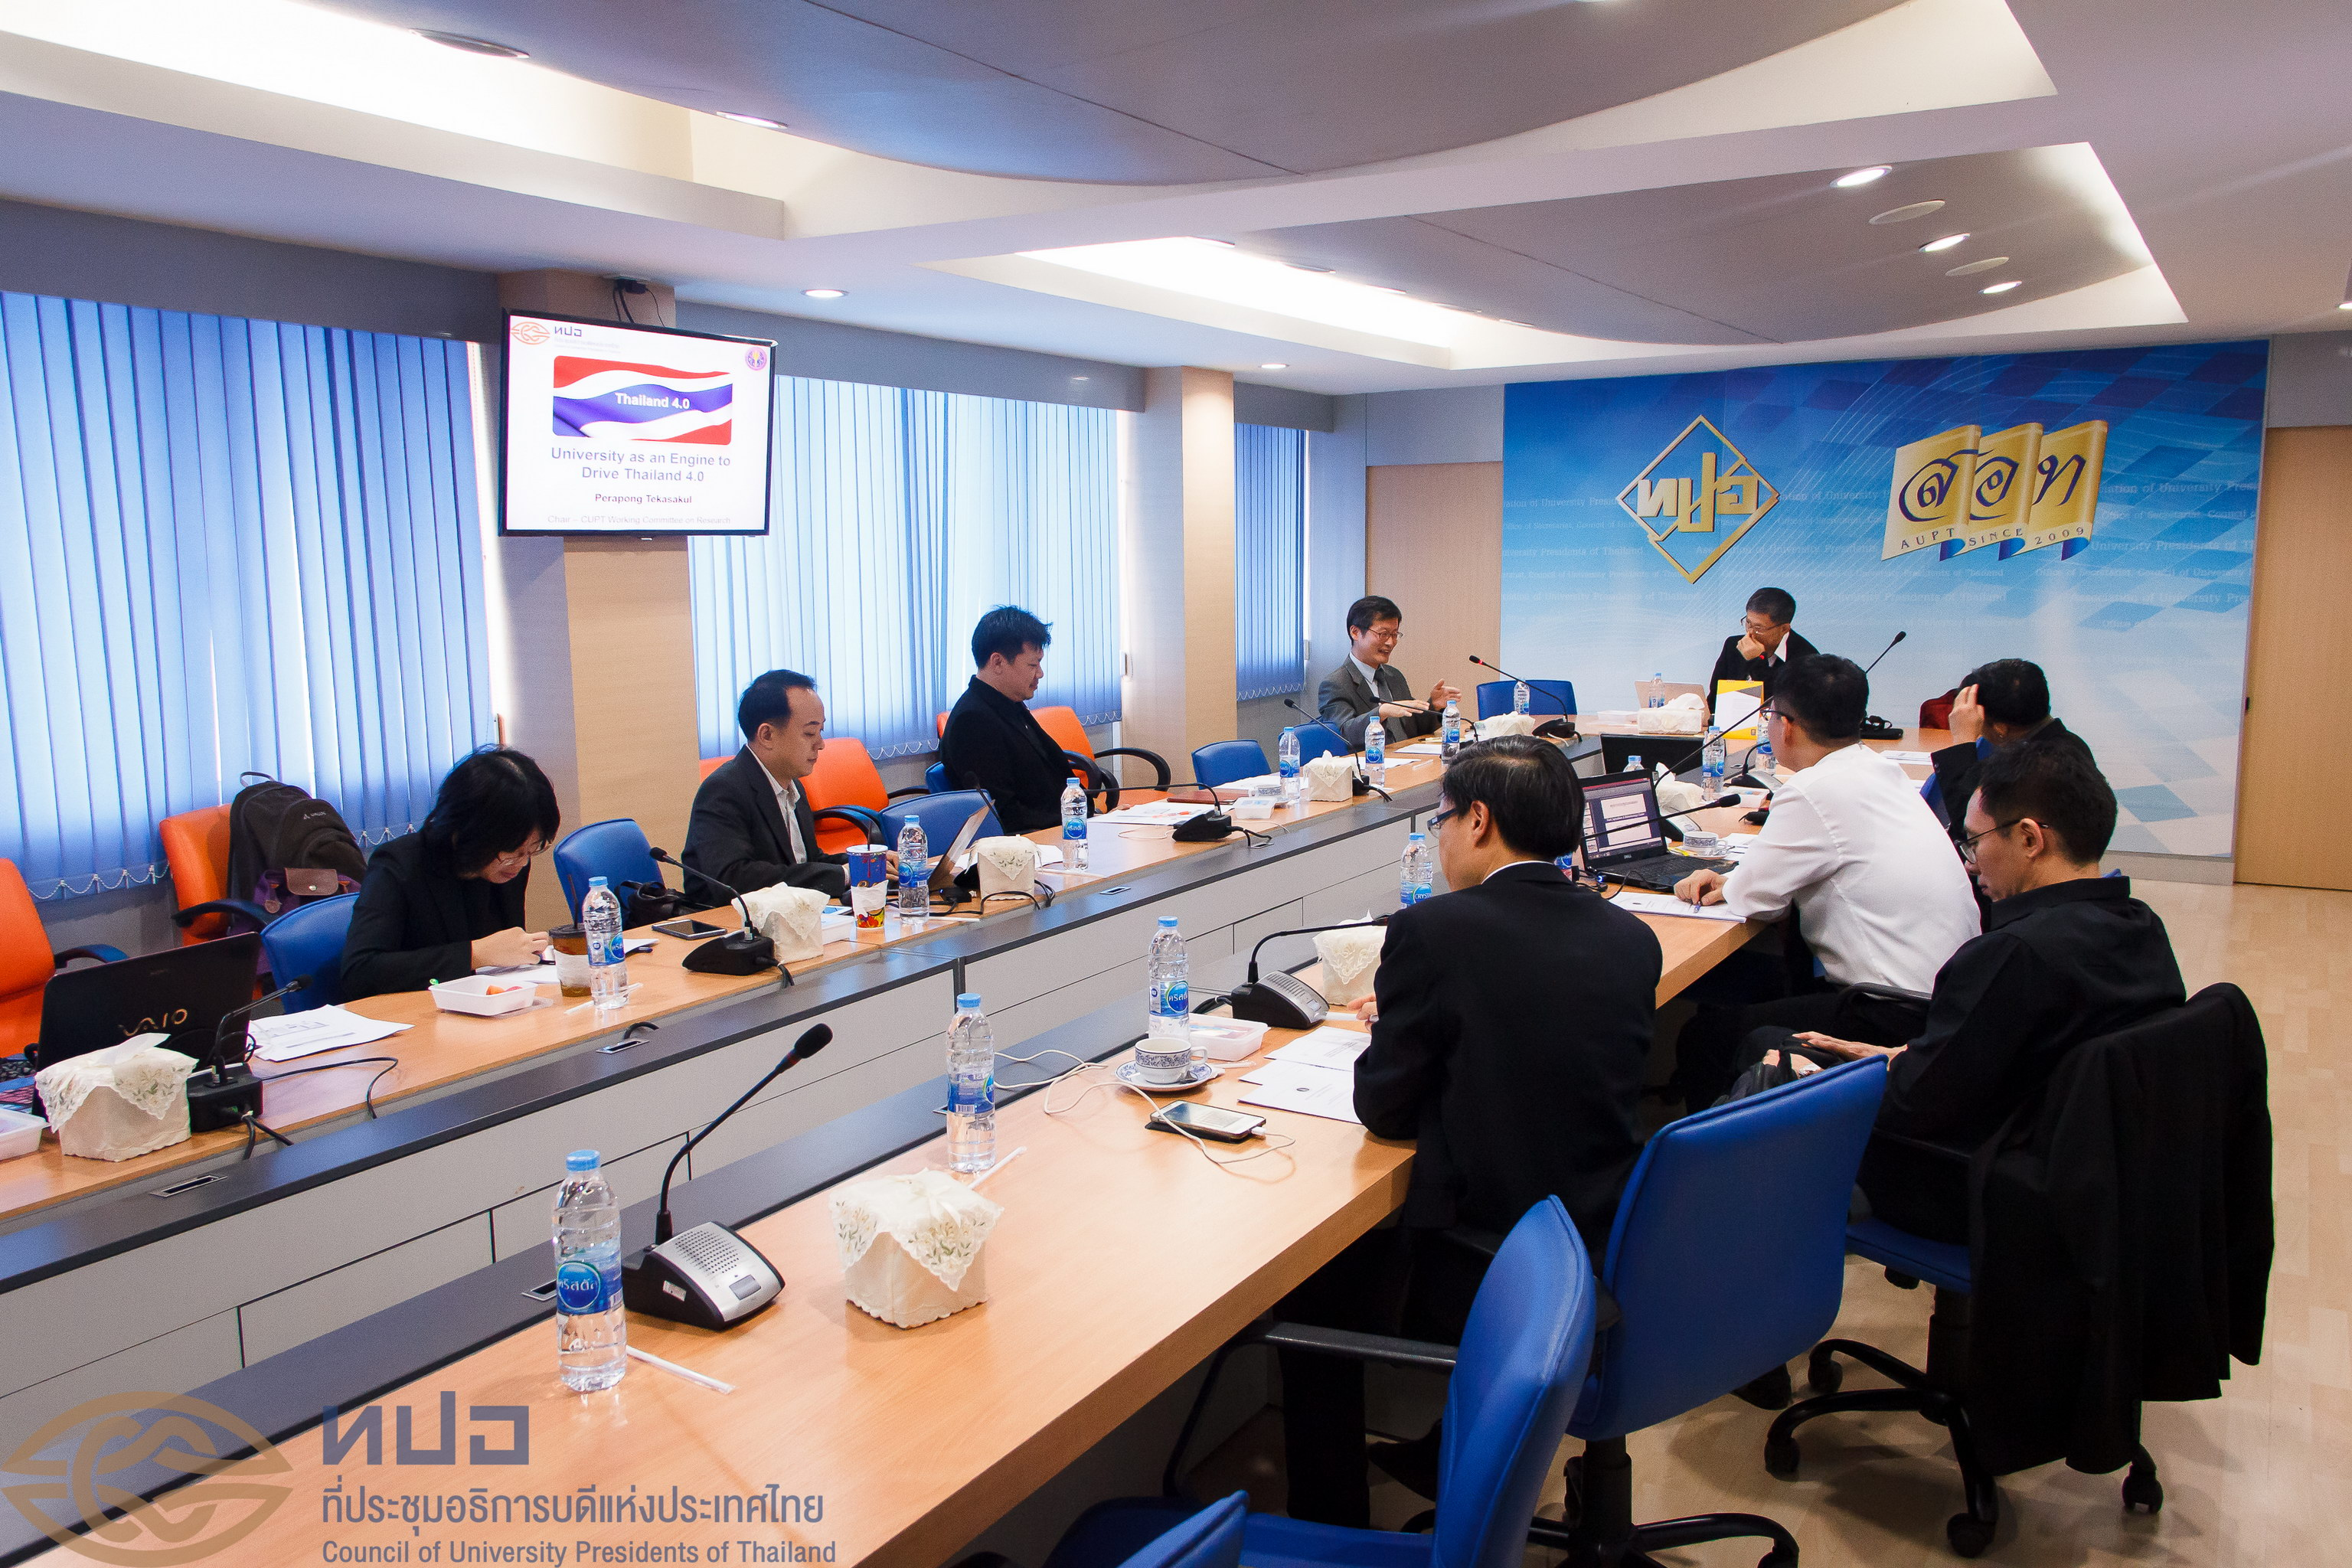 การประชุมคณะทำงานจัดทำแผนปฏิบัติการขับเคลื่อนการวิจัยเพื่อสร้างนวัตกรรมตามนโยบายประเทศไทย 4.0